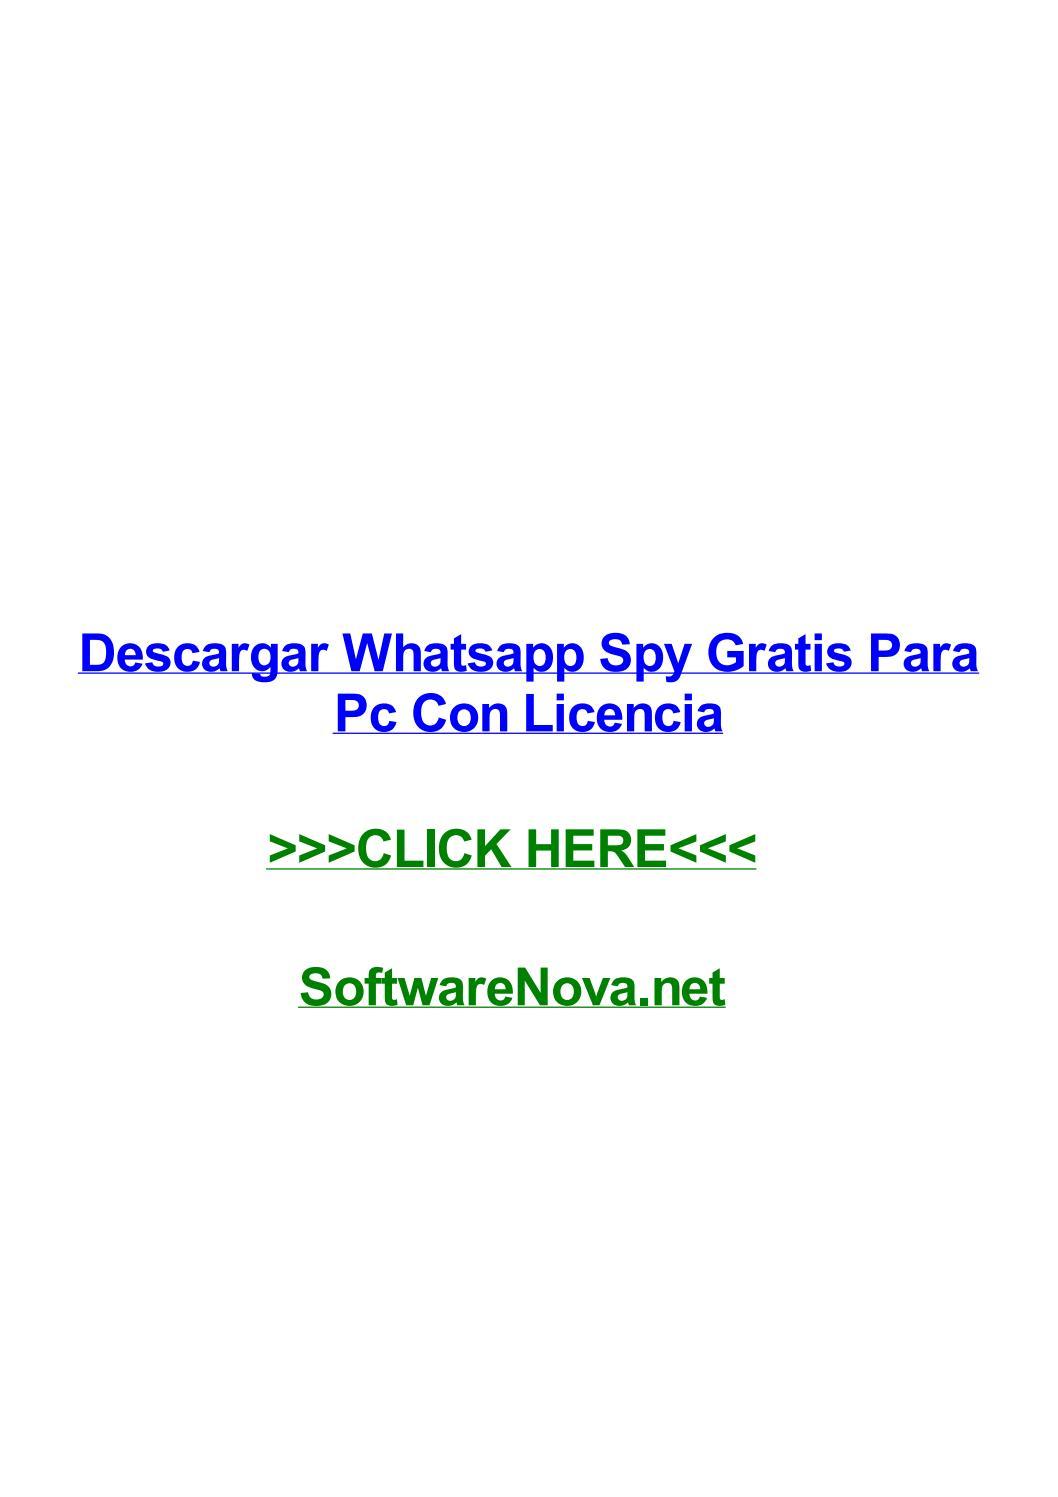 Descargar Whatsapp Spy Gratis Para Pc Con Licencia By